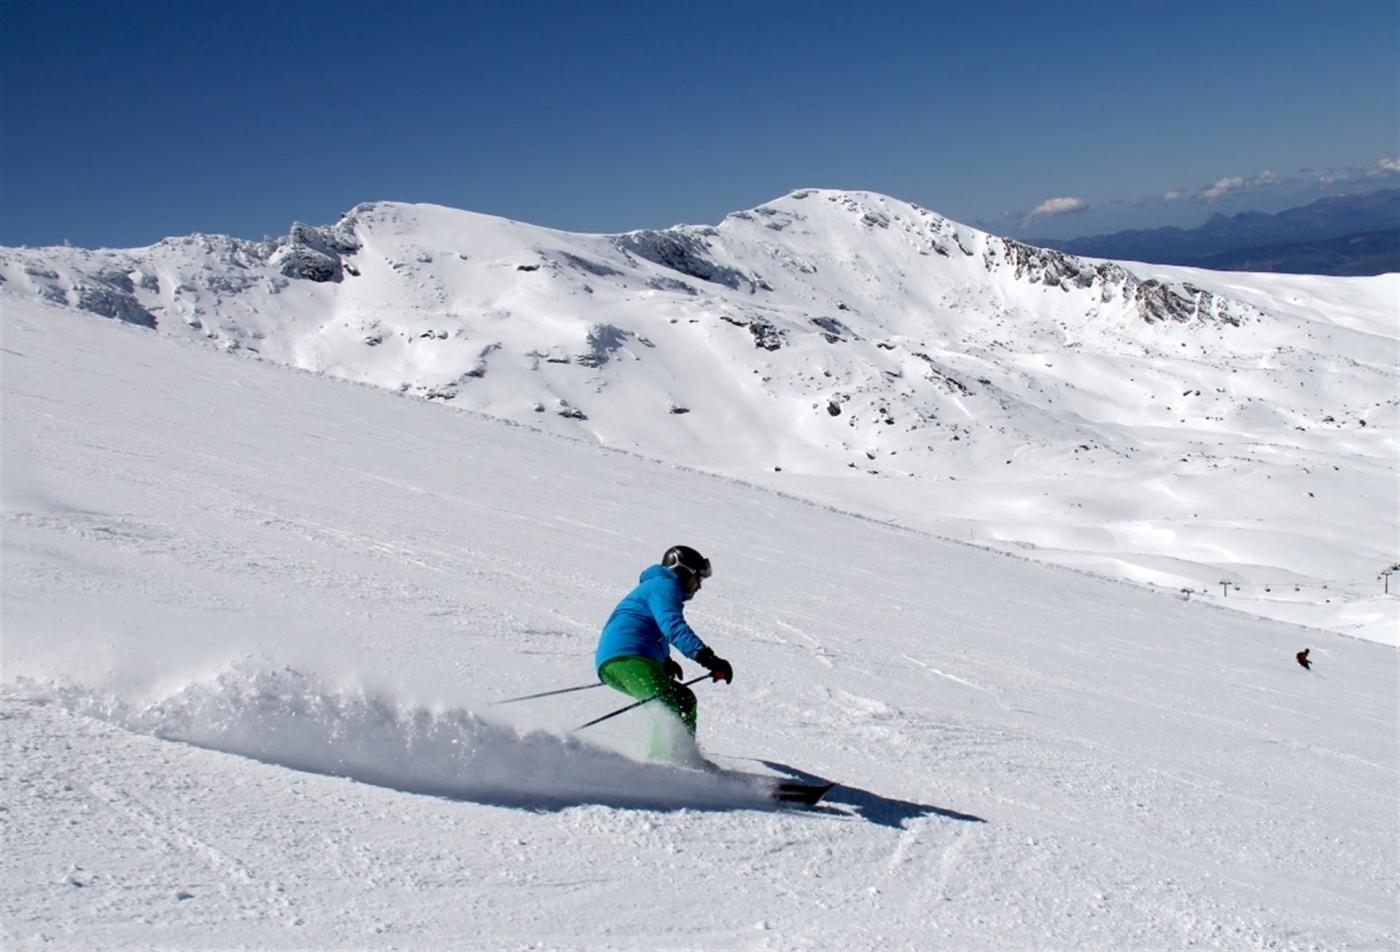 Los empresarios de Sierra Nevada siguen pendientes de la evolución del mercado turístico